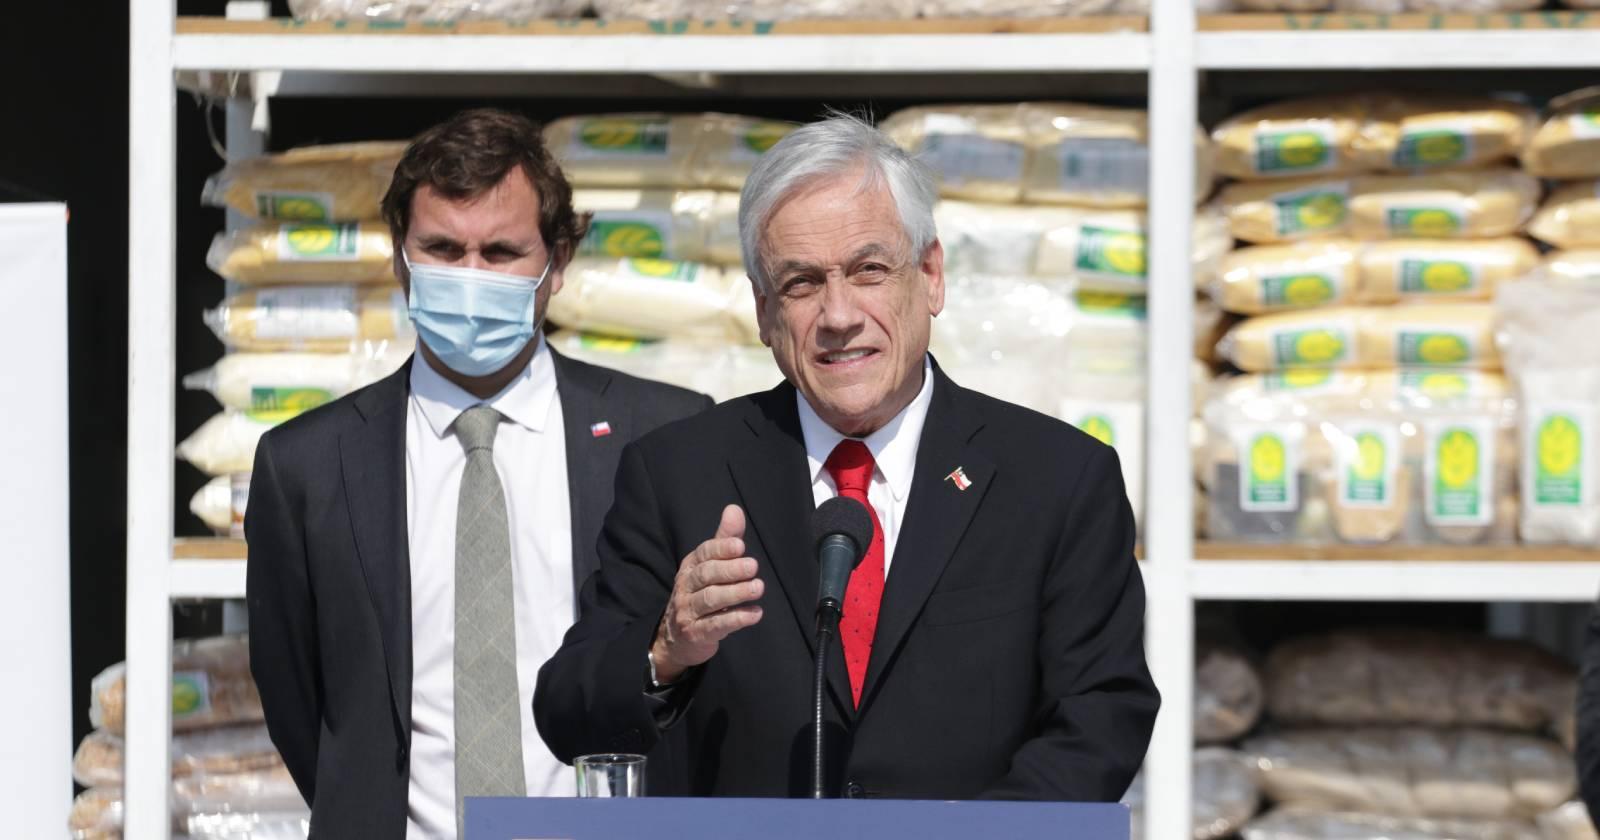 Ipsos: Piñera es el tercer presidente mejor evaluado en Latinoamérica